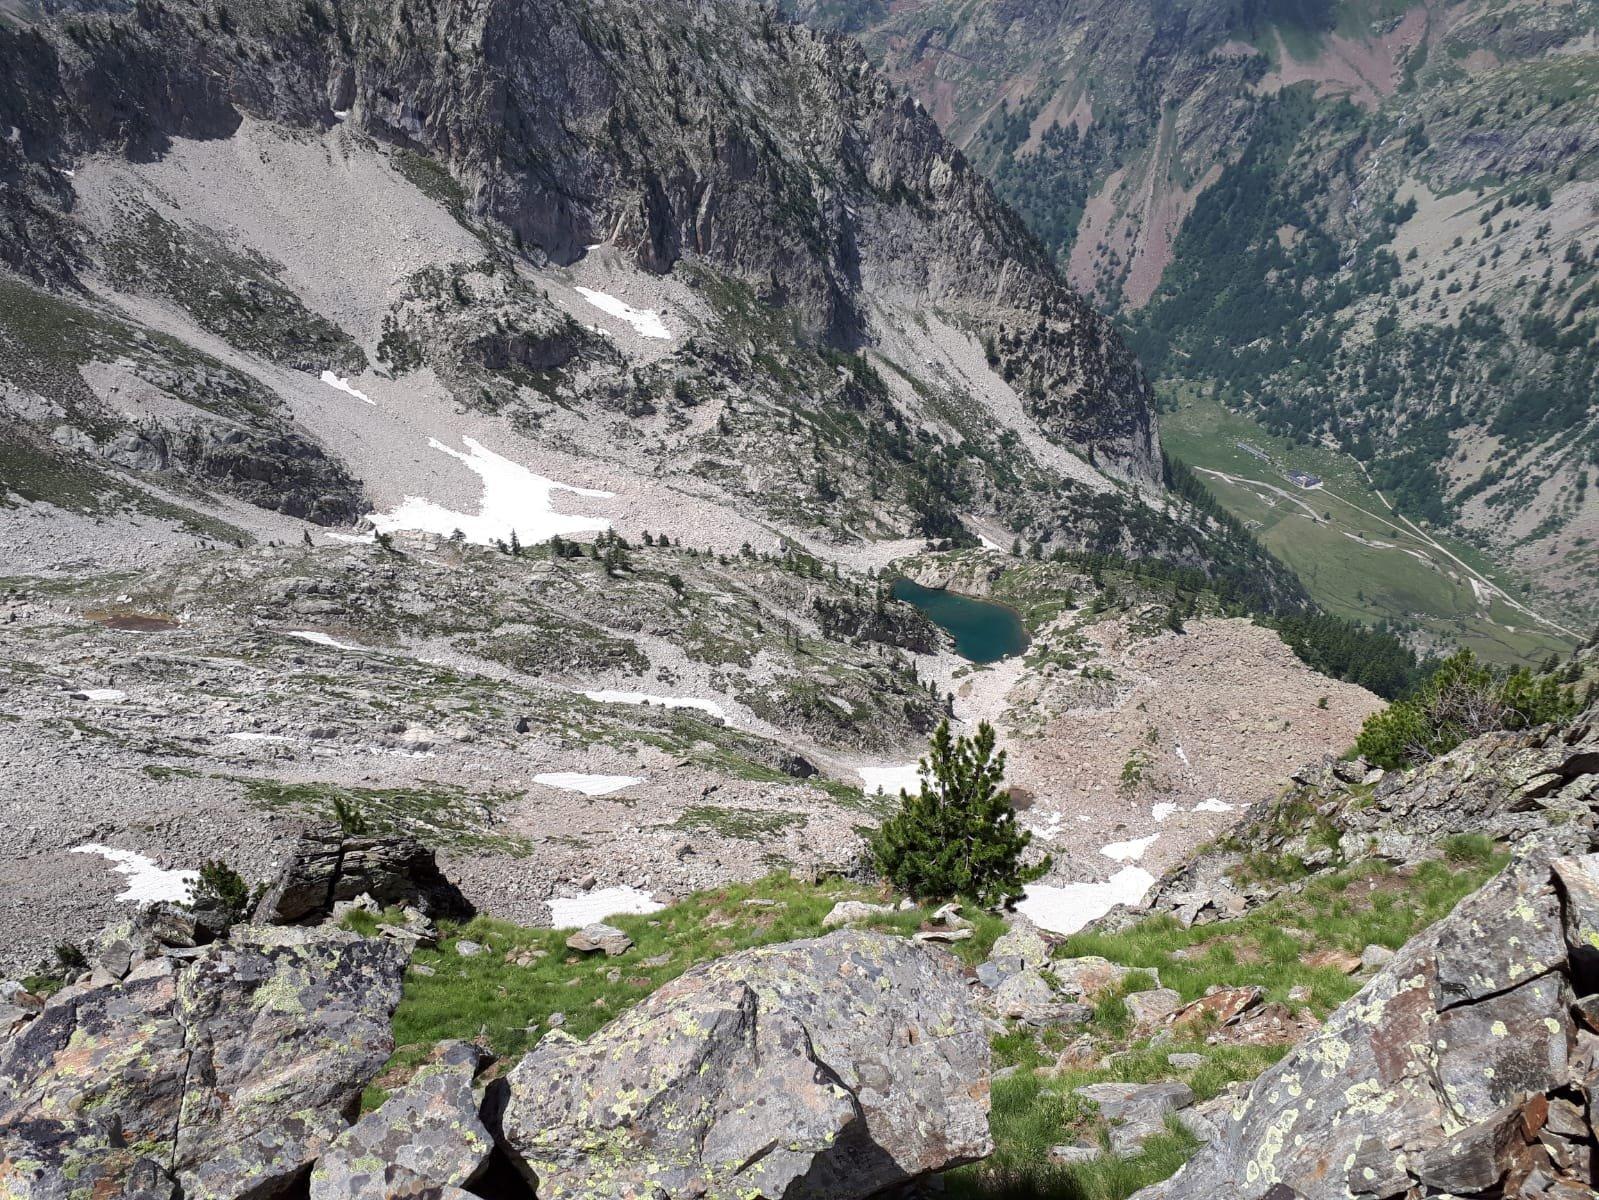 Il lago di Valcuca e il Valasco visti dalla cresta